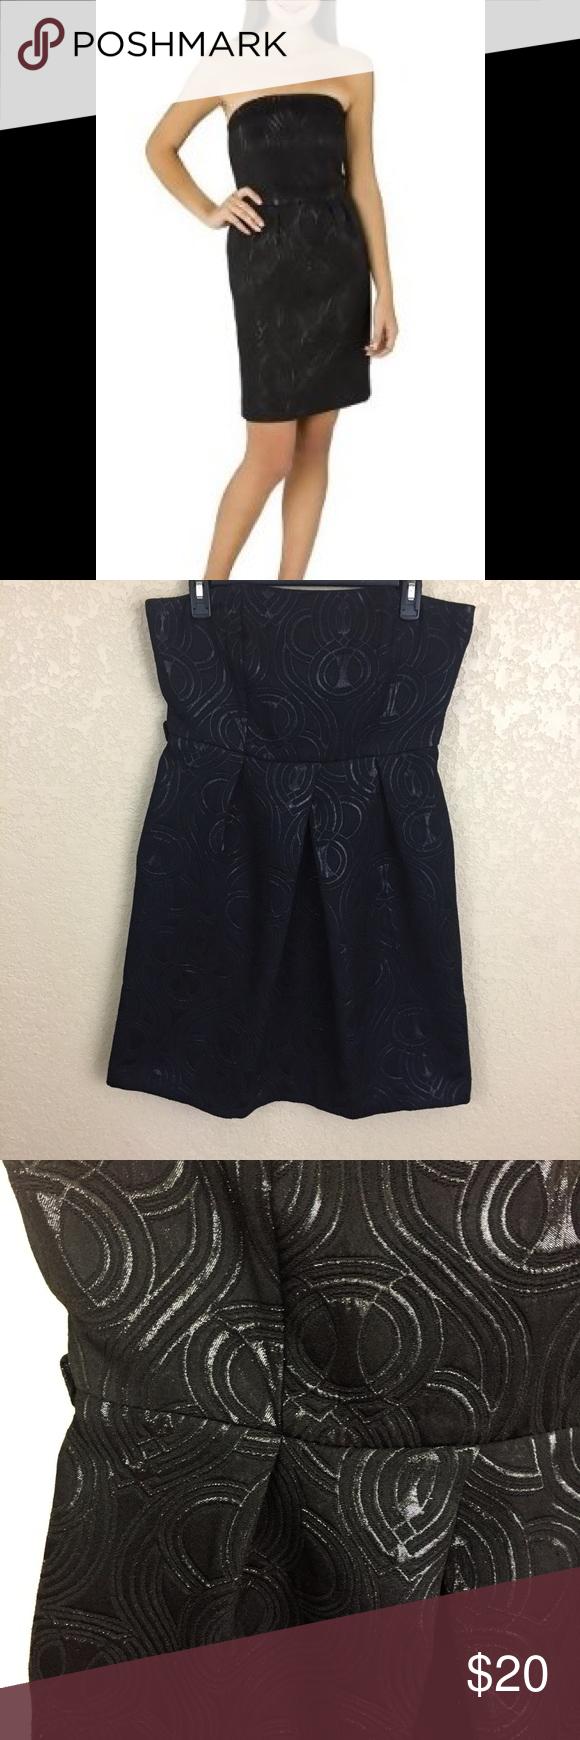 Bogo Target Limited Edition Strapless Dressf1 Limited Edition Dress Black Strapless Dress Target Dresses [ 1740 x 580 Pixel ]